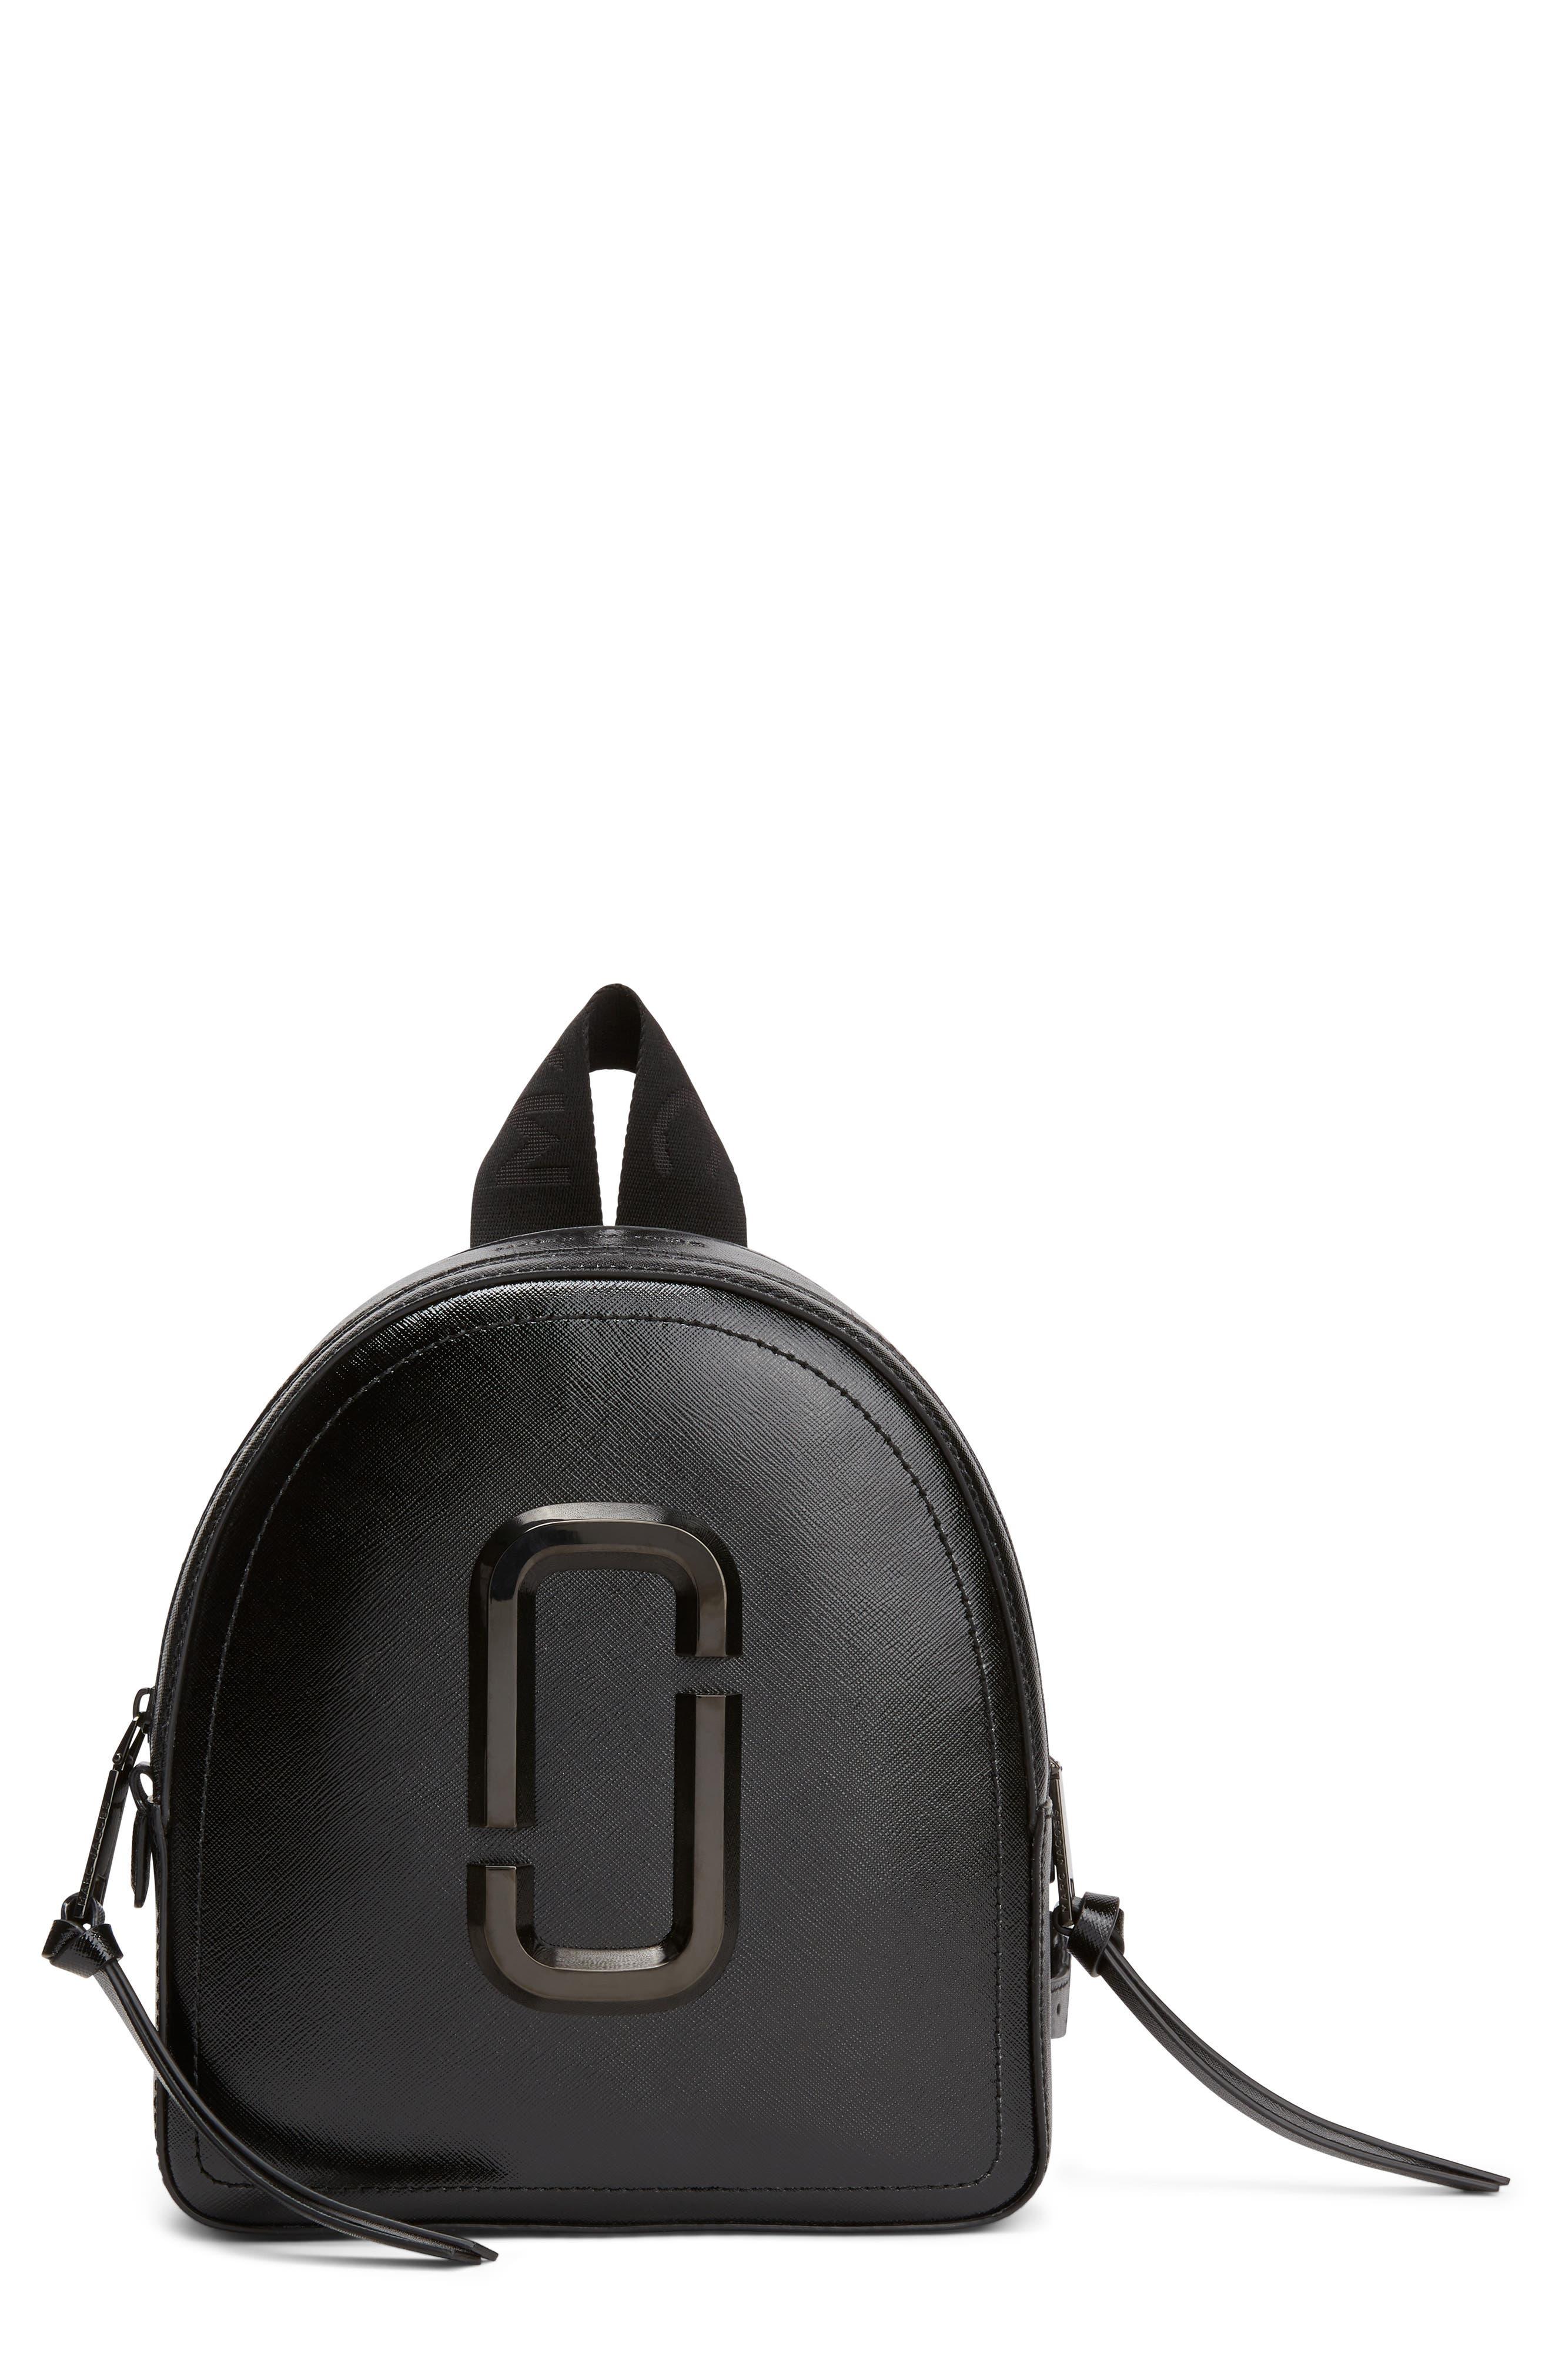 Pack Shot Leather Backpack, Main, color, BLACK